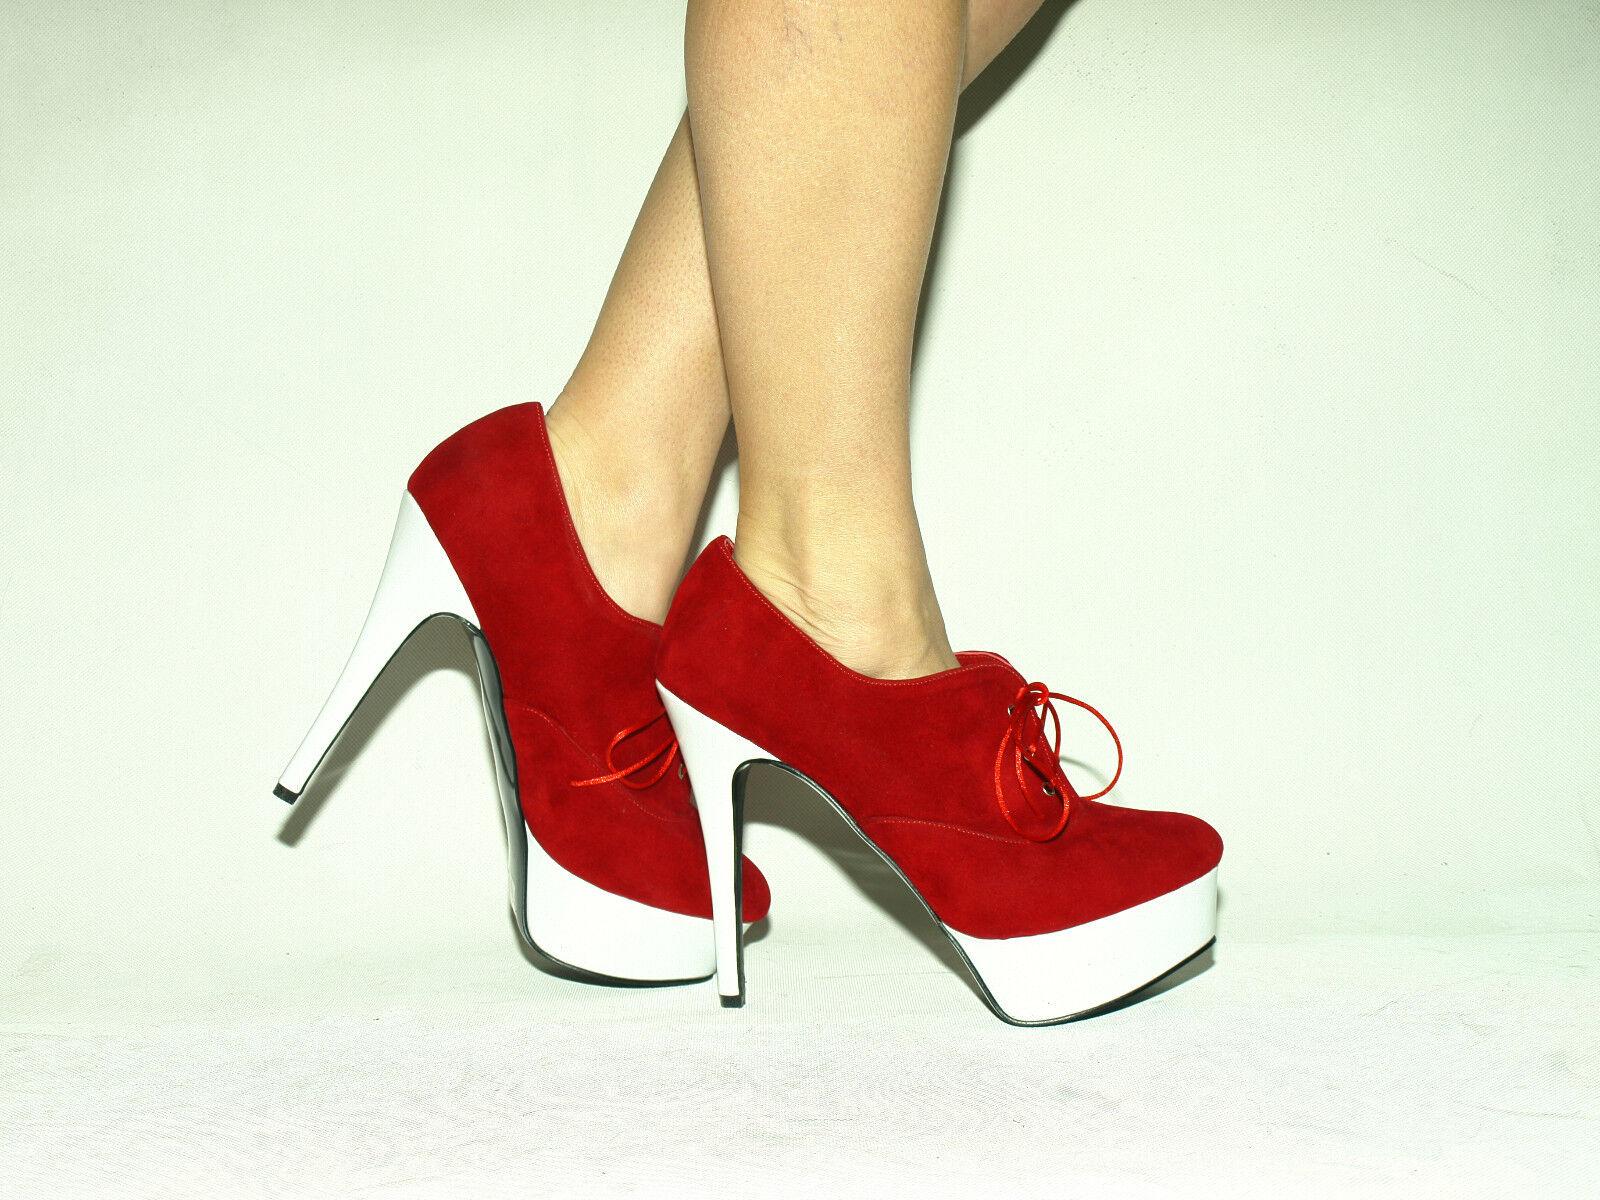 High heels 15cm kunstwildleder 37 38 43 39 40 41 42 43 38 44 45 46 47 Bolingier Poland eff079